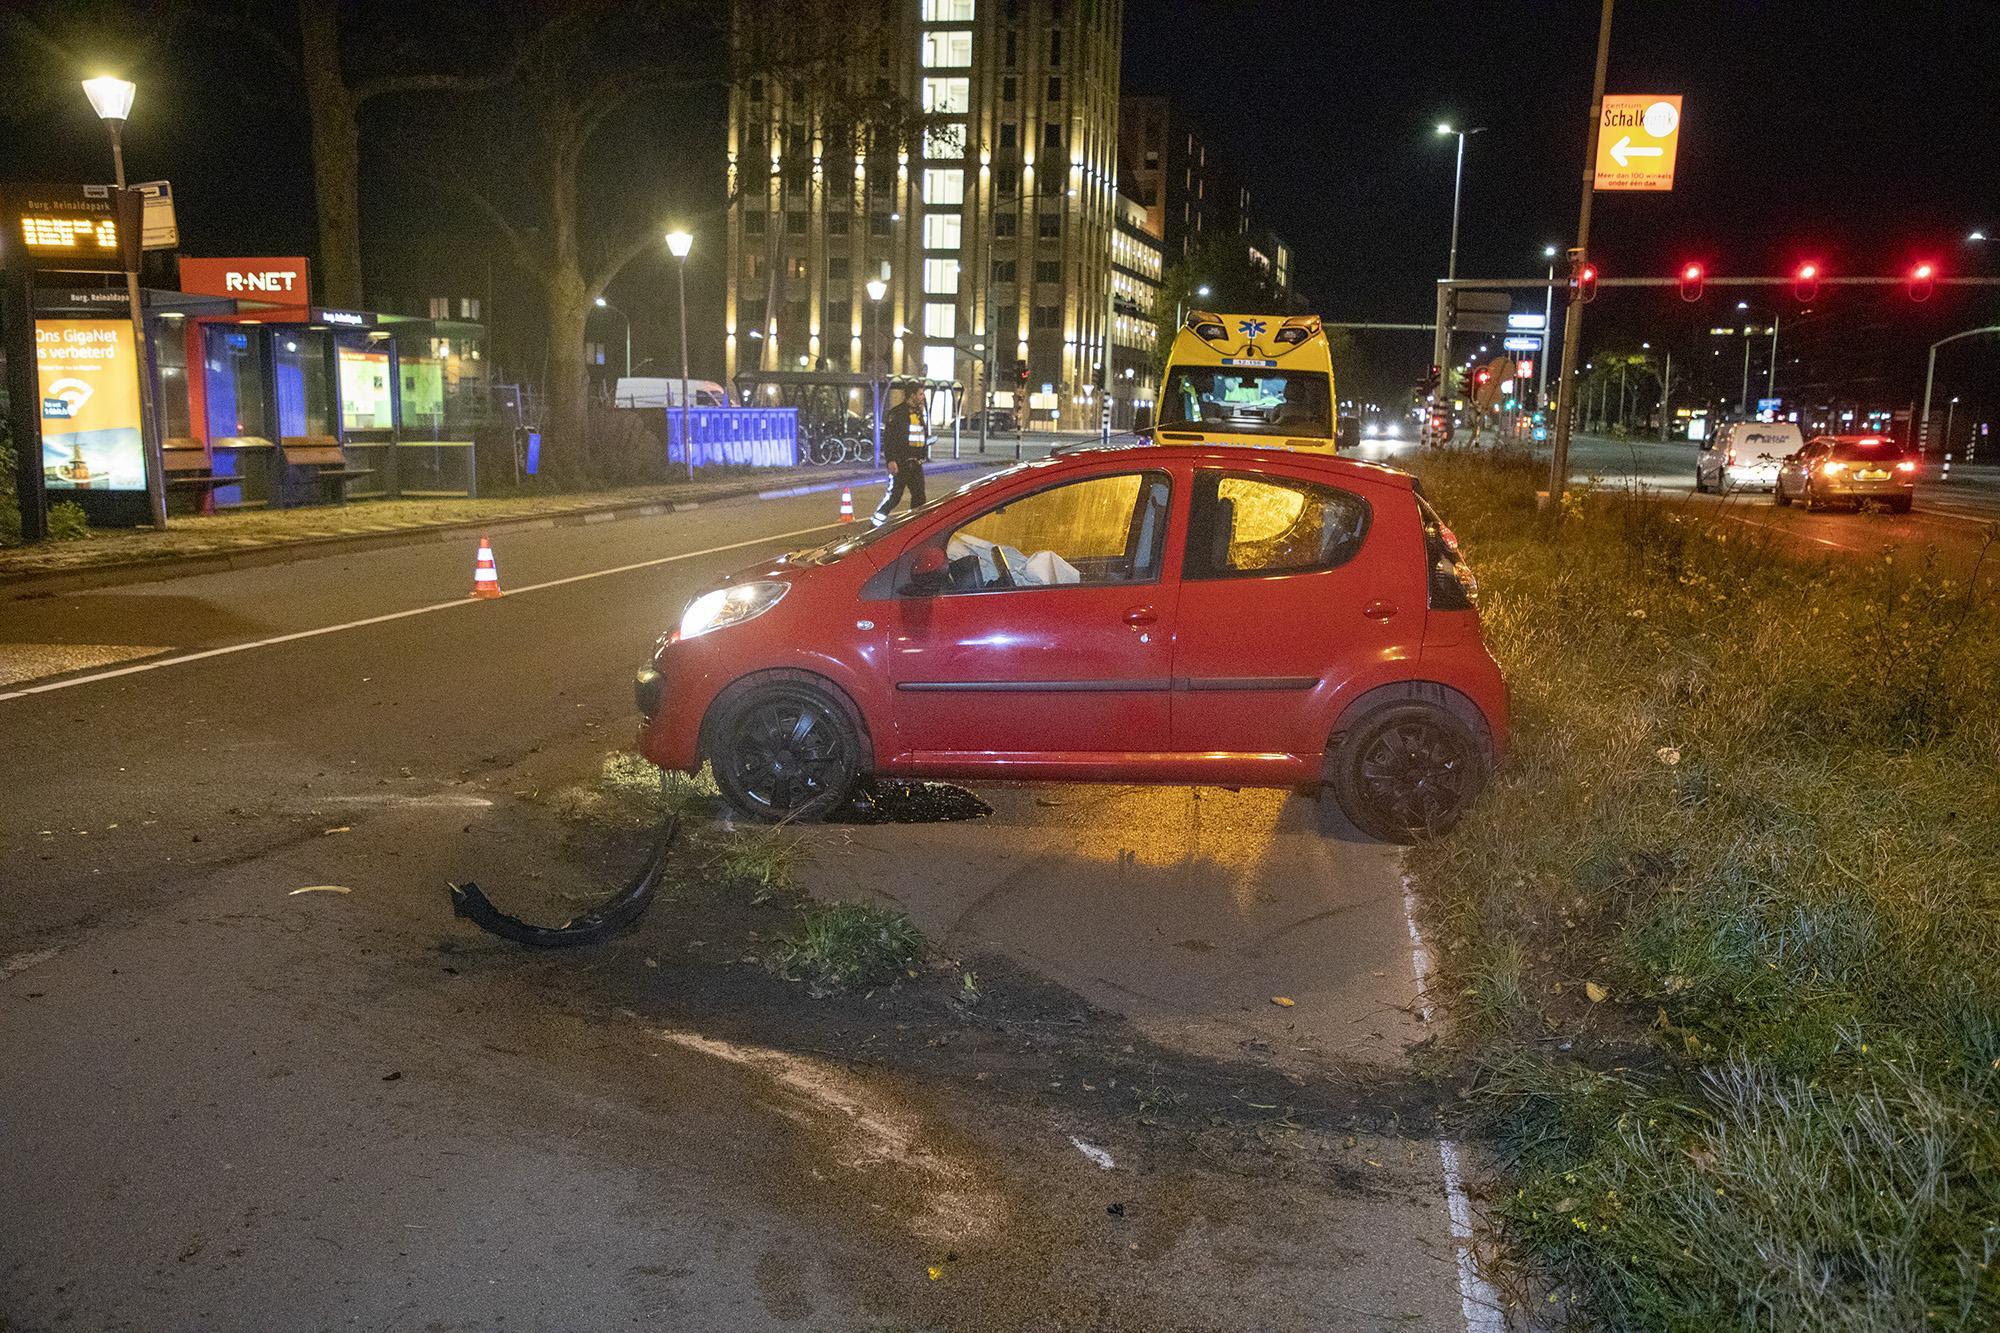 Jonge automobilist ramt lantaarnpaal langs N205 in Haarlem